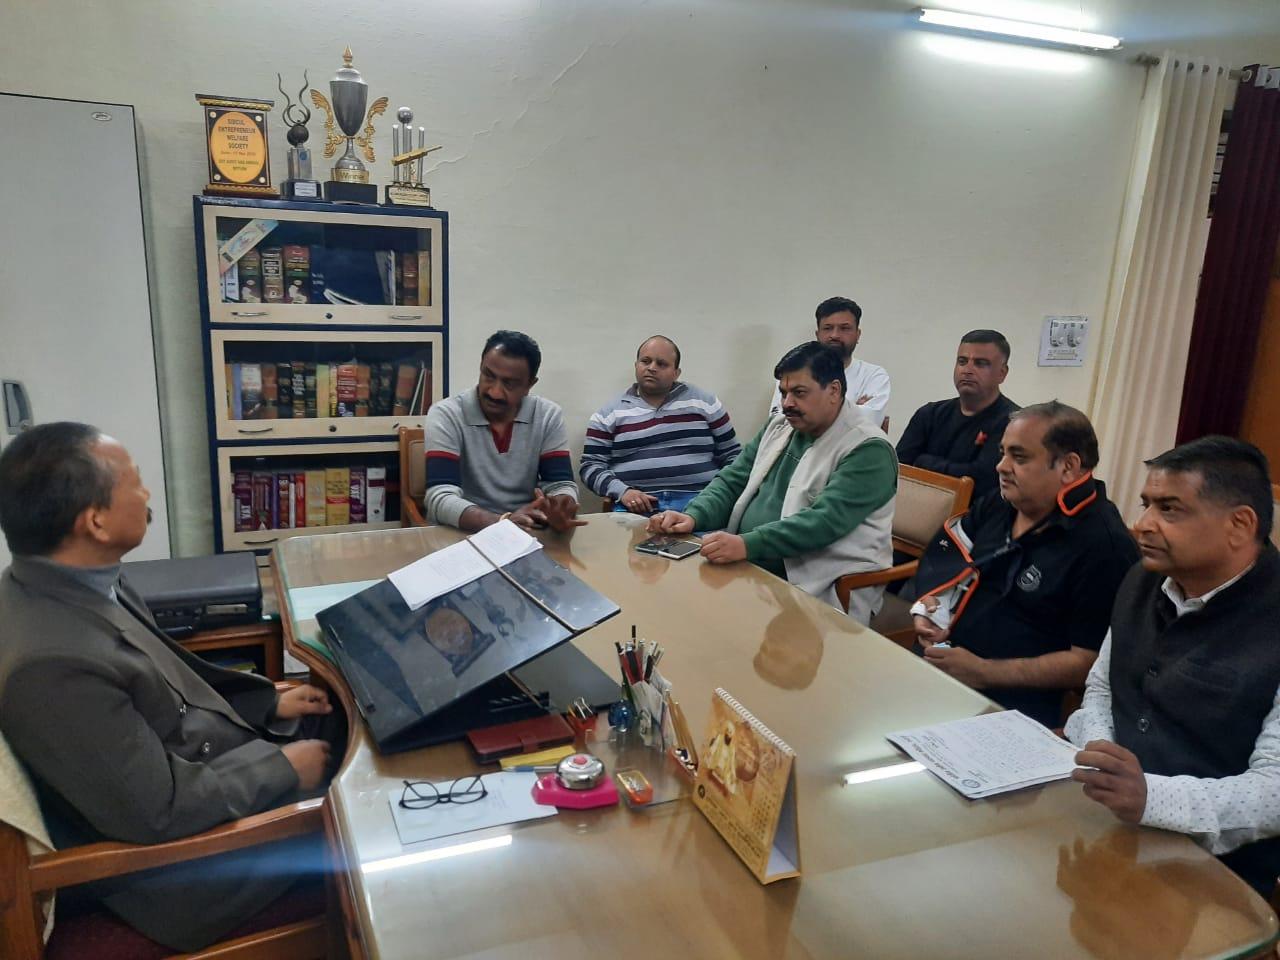 रुद्रपुर में व्यापारियों की नहीं हुई सुनवाई तो होगा आंदोलन